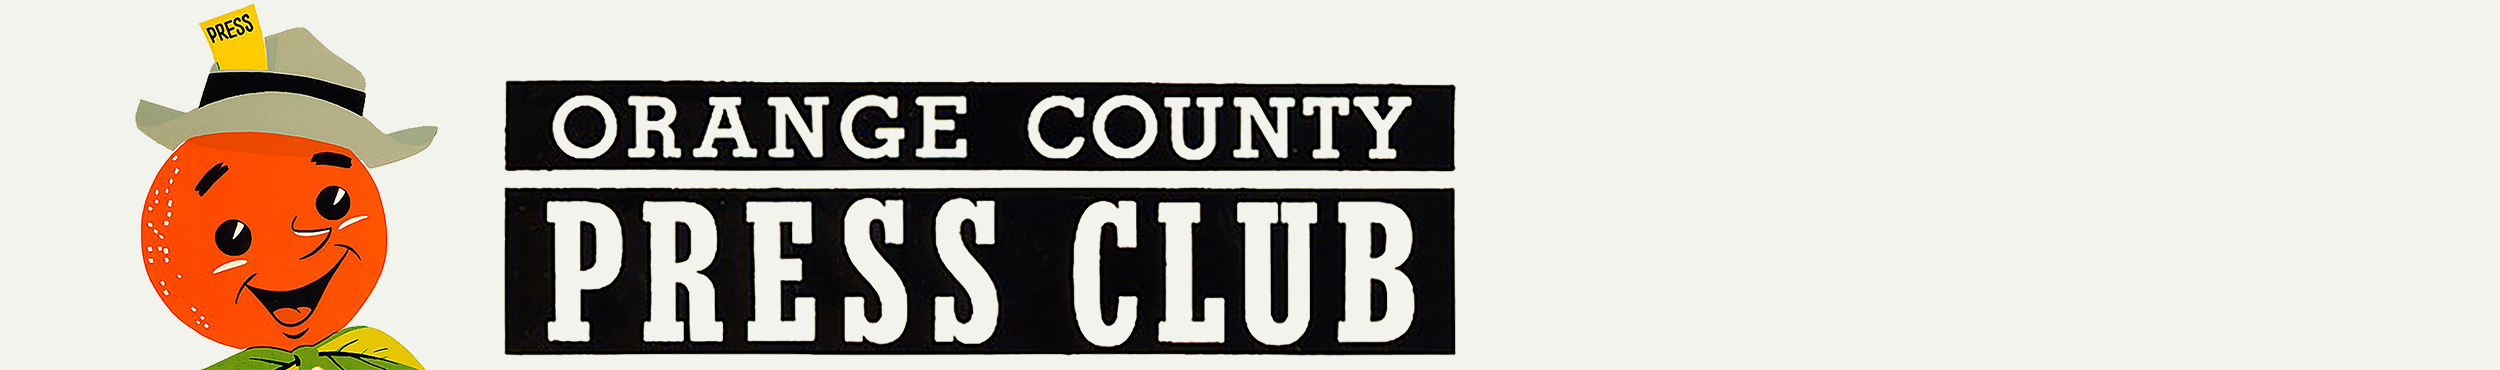 OC Press Club Logo